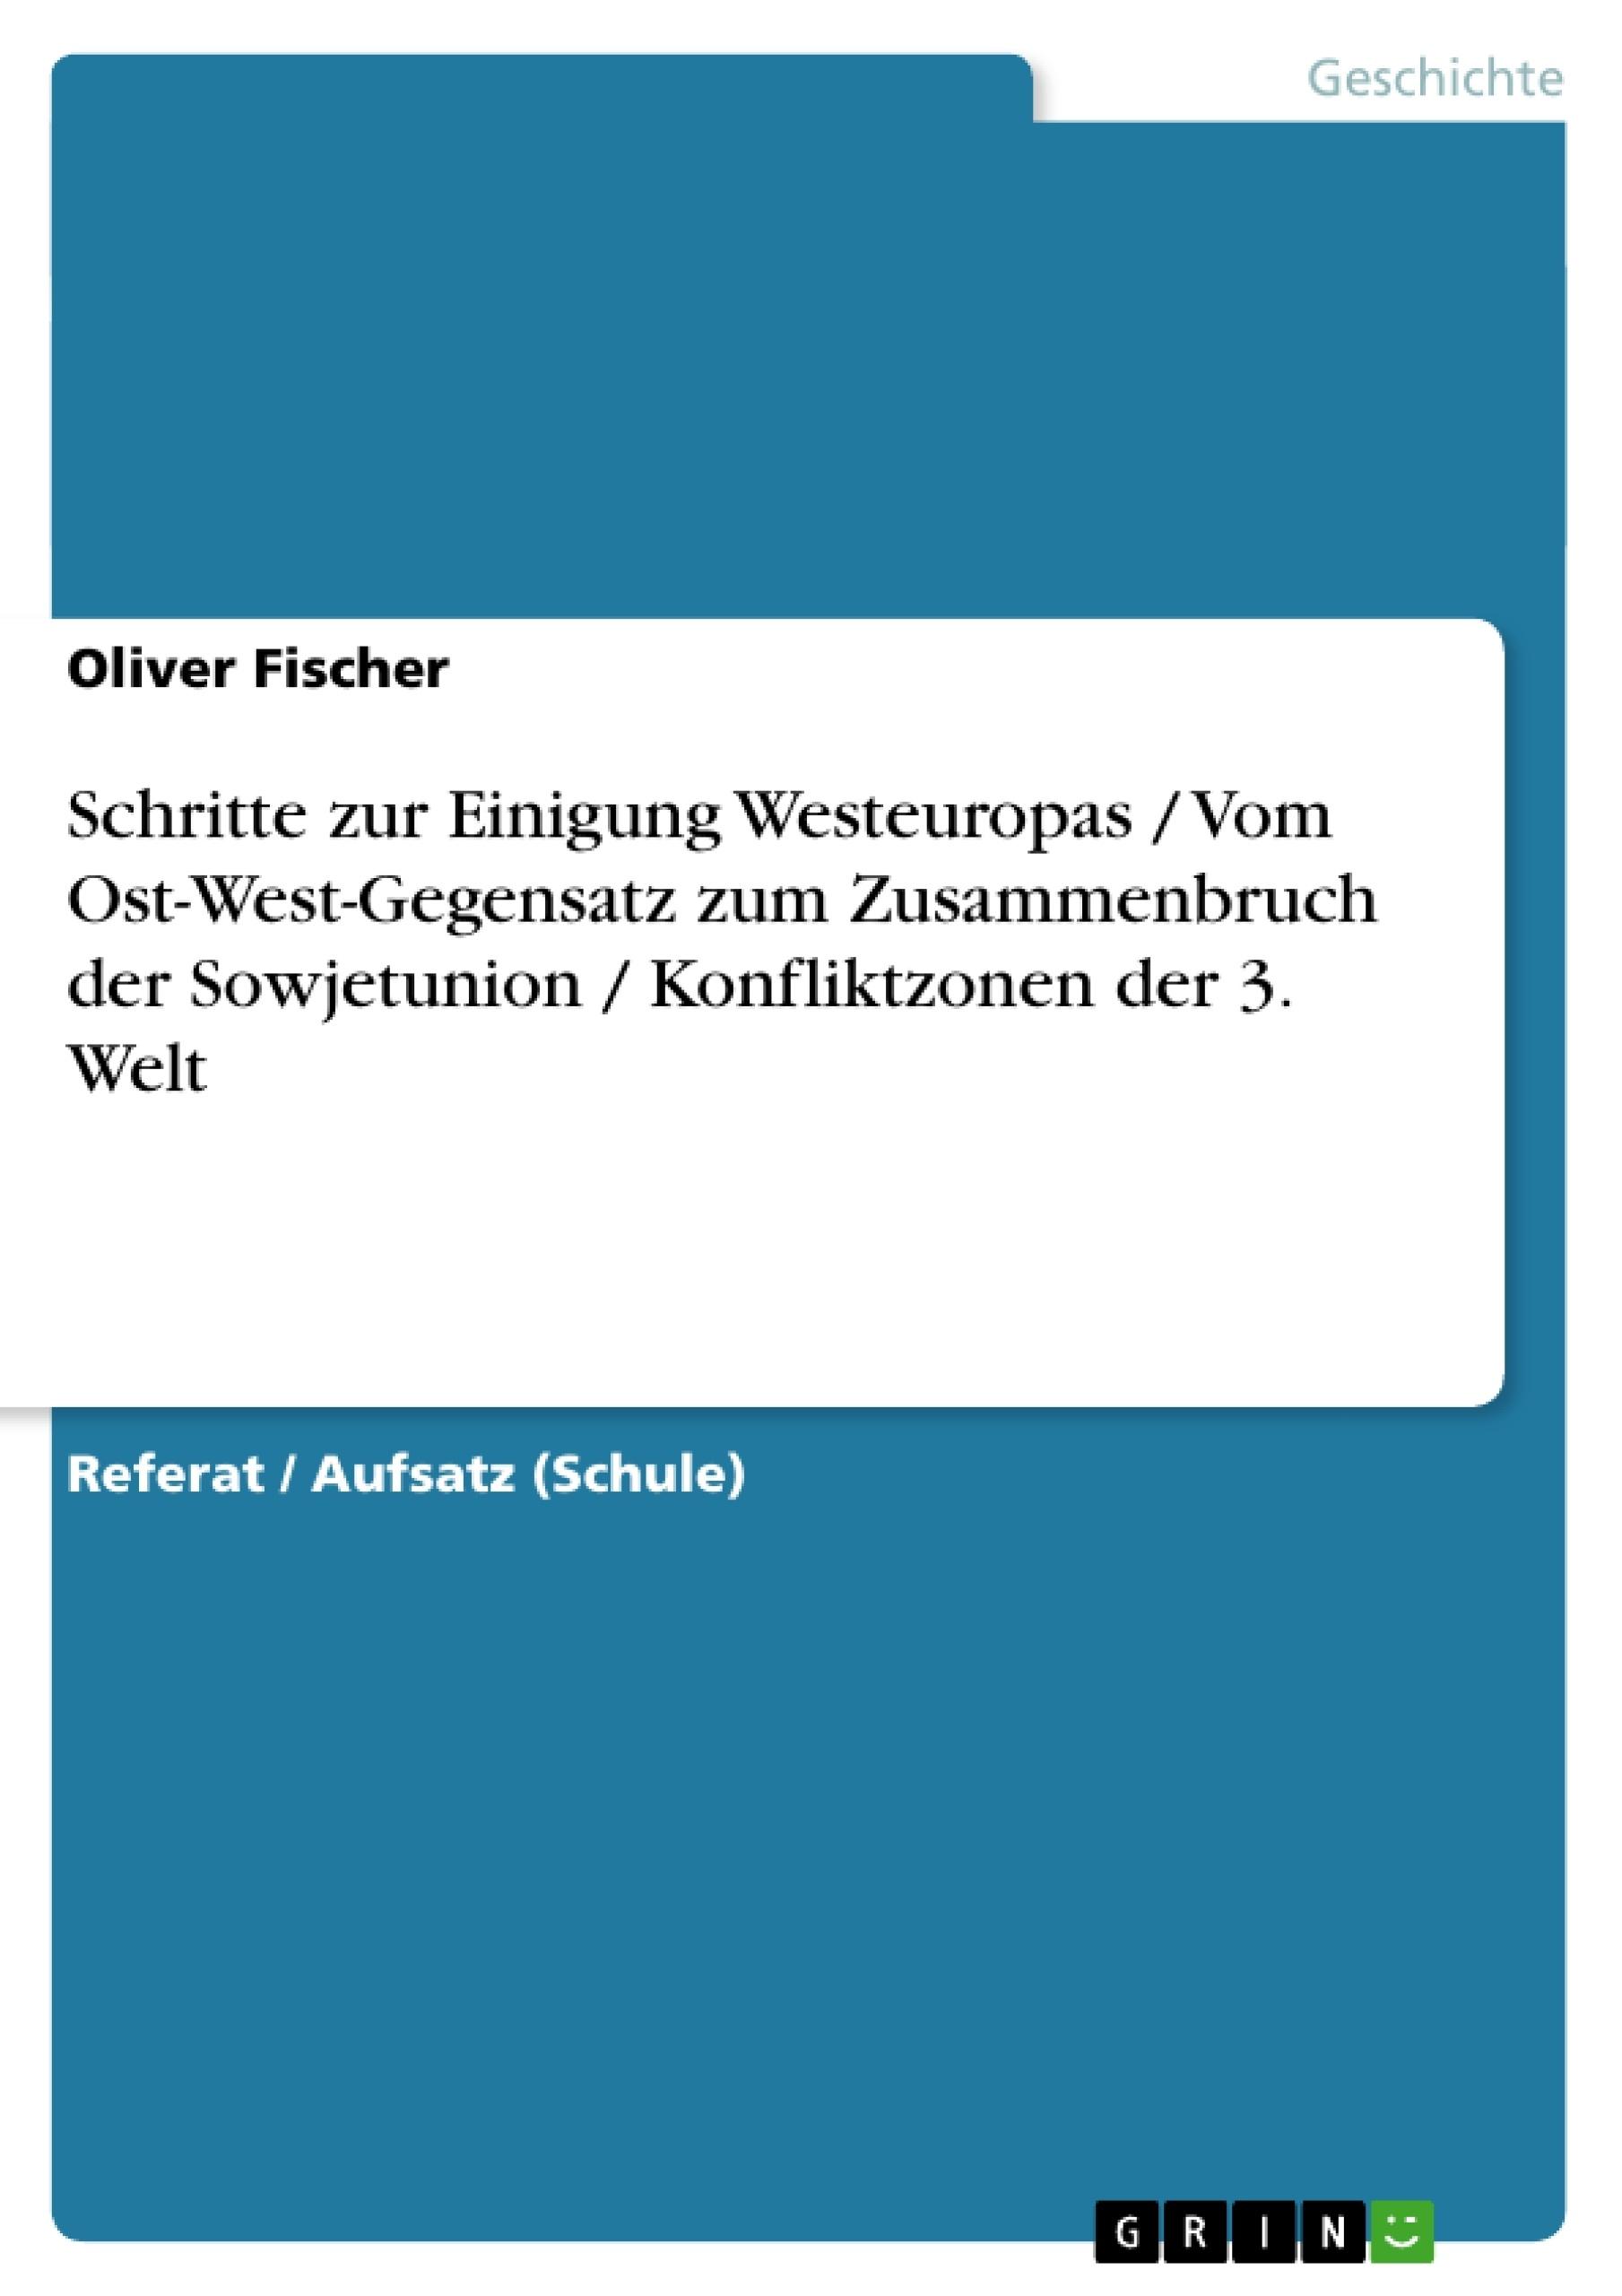 Titel: Schritte zur Einigung Westeuropas / Vom Ost-West-Gegensatz zum Zusammenbruch der Sowjetunion / Konfliktzonen der 3. Welt